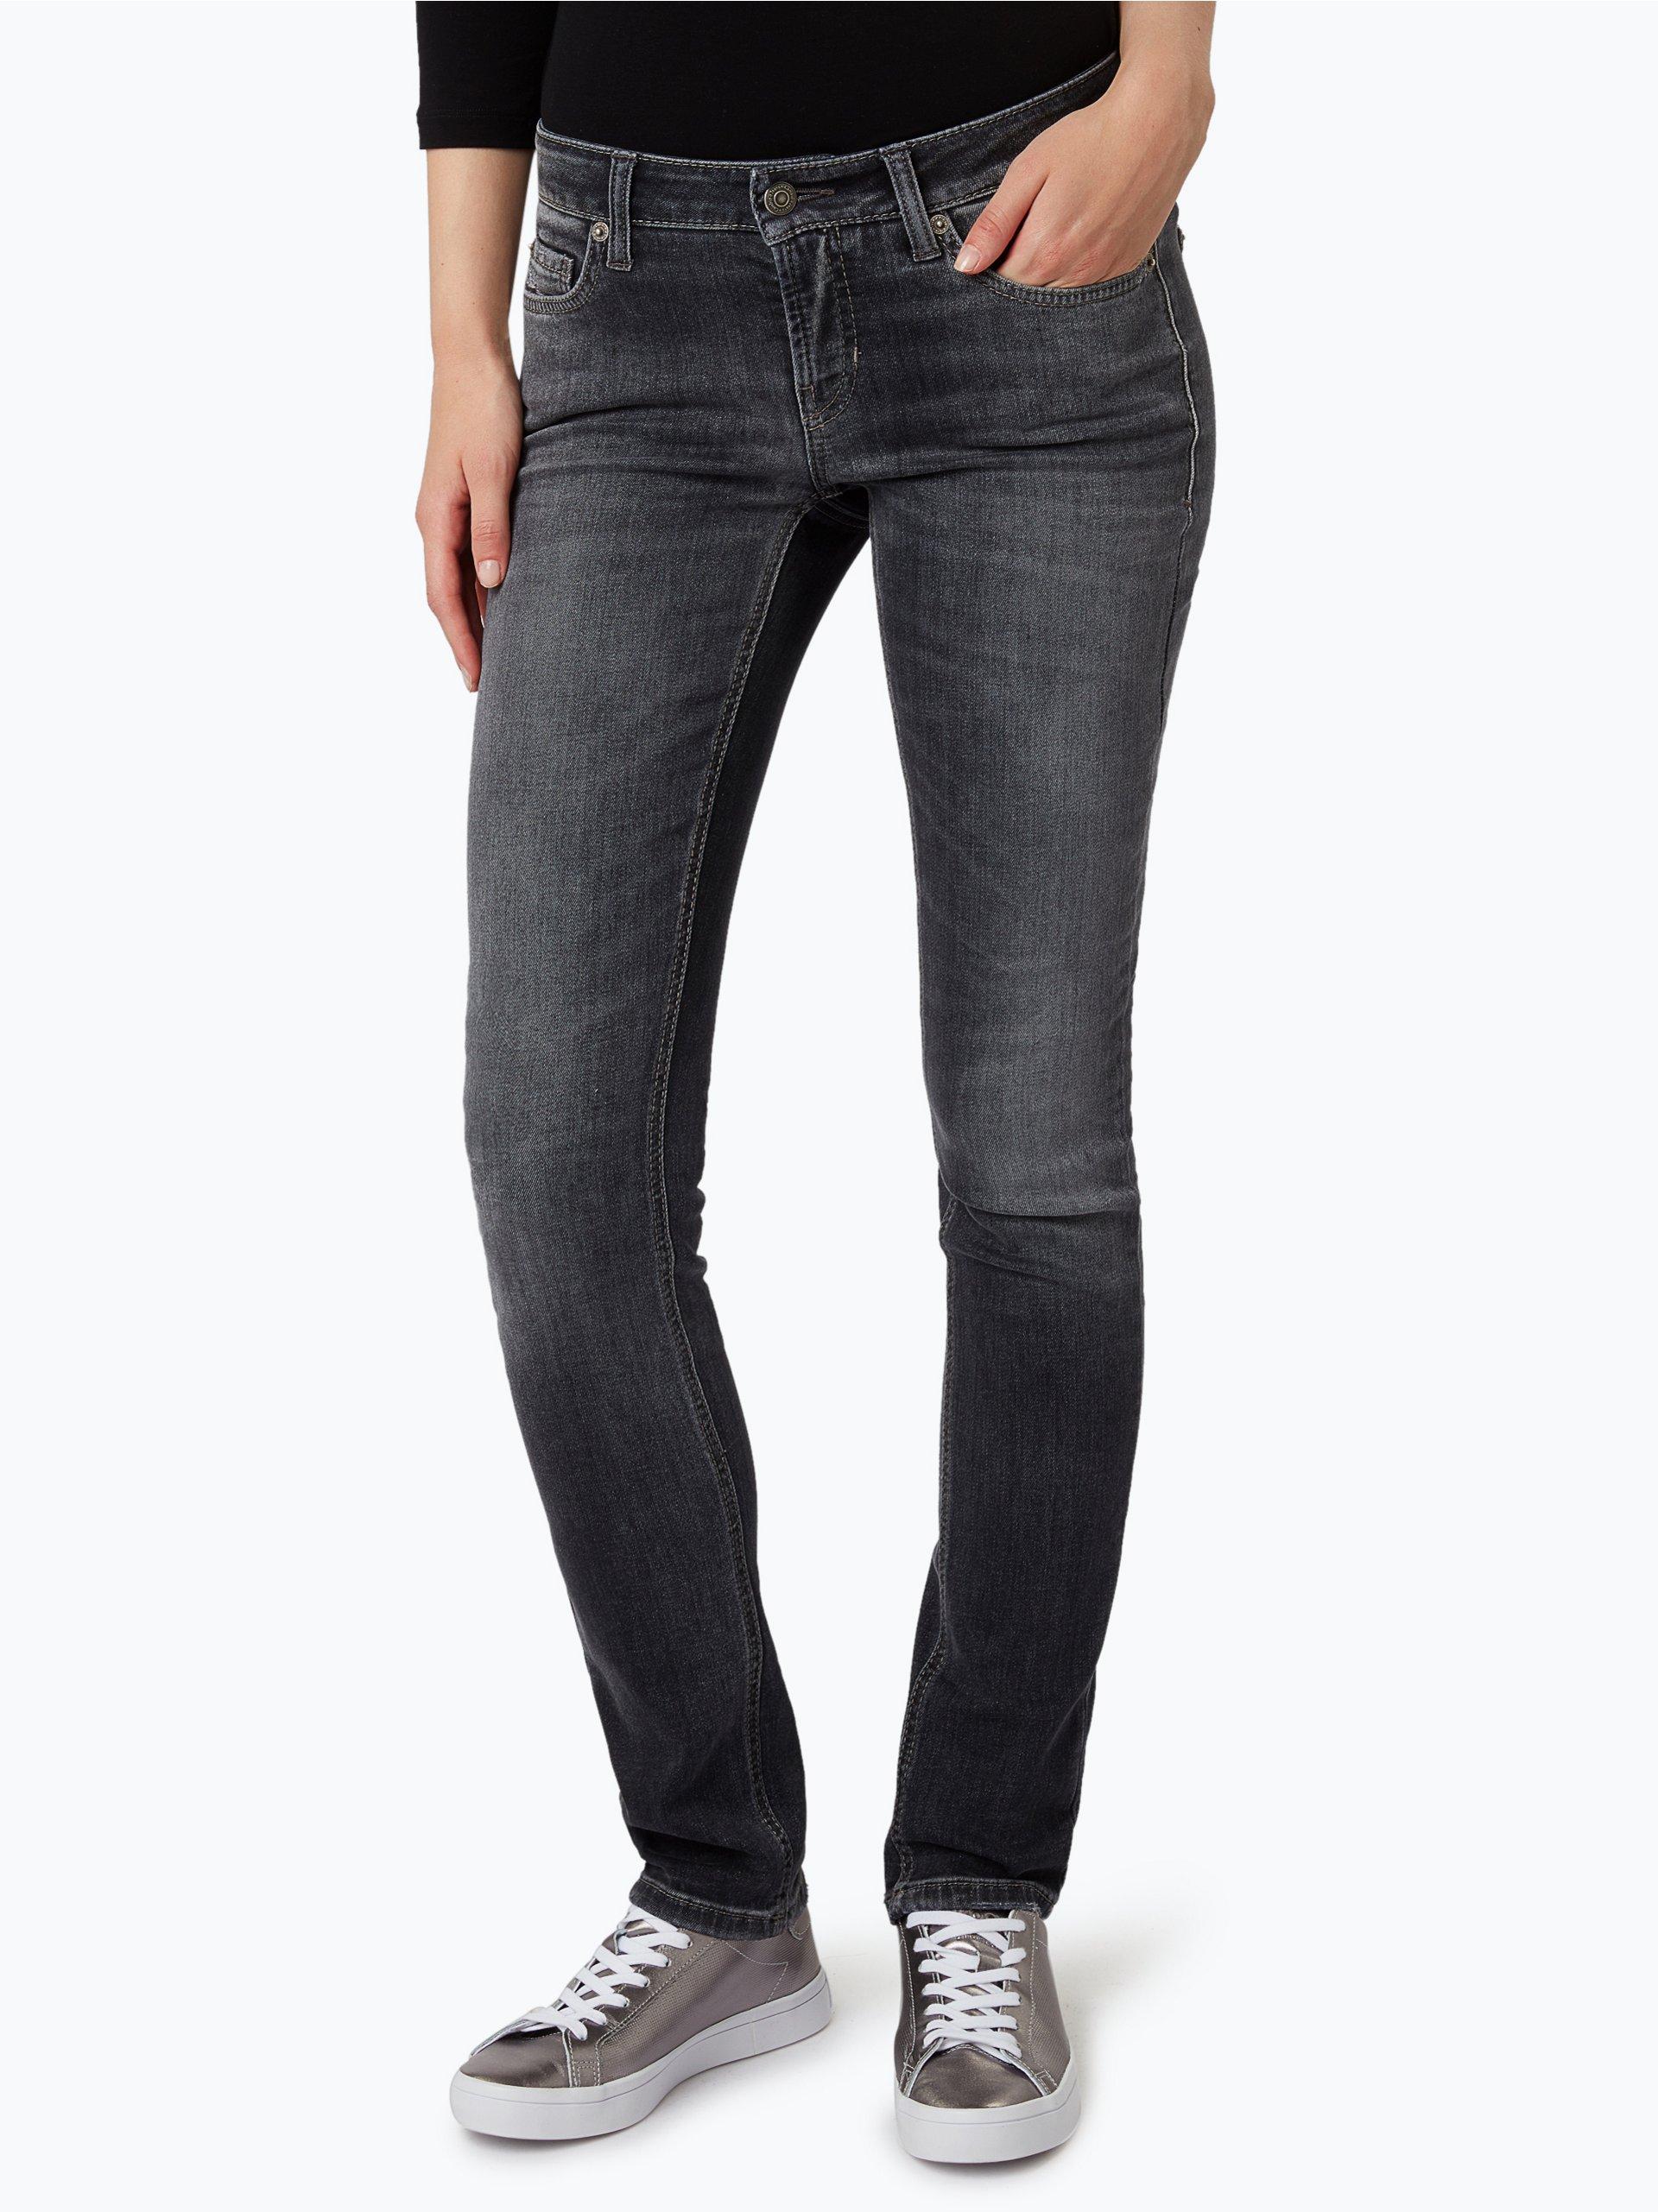 cambio damen jeans liu schwarz uni online kaufen peek und cloppenburg de. Black Bedroom Furniture Sets. Home Design Ideas